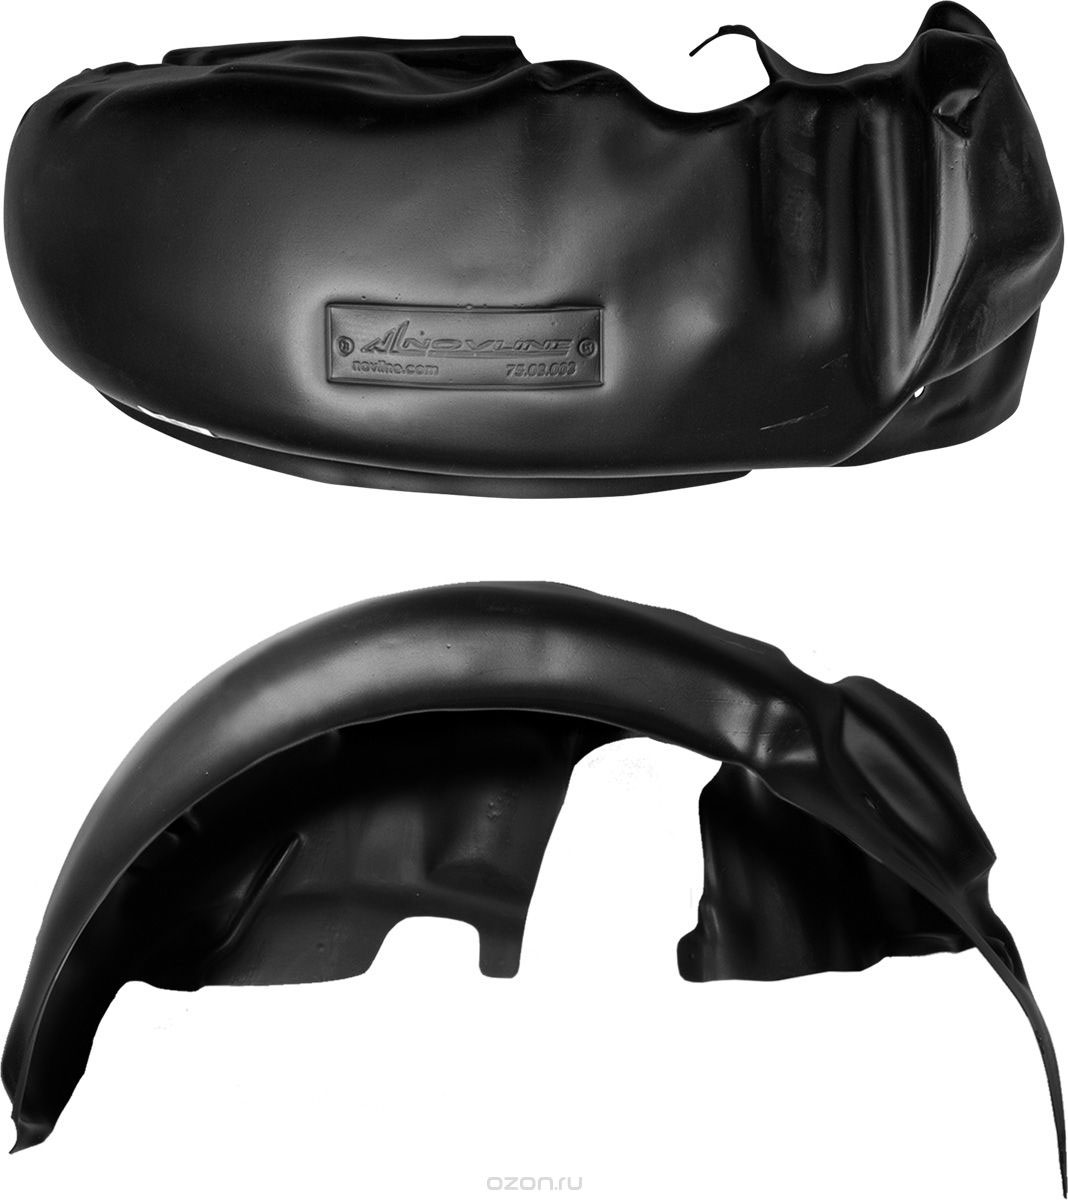 Подкрылок Novline-Autofamily, для NISSAN Sentra, 2014->, передний правыйNTS-101C blueИдеальная защита колесной ниши. Локеры разработаны с применением цифровых технологий, гарантируют максимальную повторяемость поверхности арки. Изделия устанавливаются без нарушения лакокрасочного покрытия автомобиля, каждый подкрылок комплектуется крепежом. Уважаемые клиенты, обращаем ваше внимание, что фотографии на подкрылки универсальные и не отражают реальную форму изделия. При этом само изделие идет точно под размер указанного автомобиля.